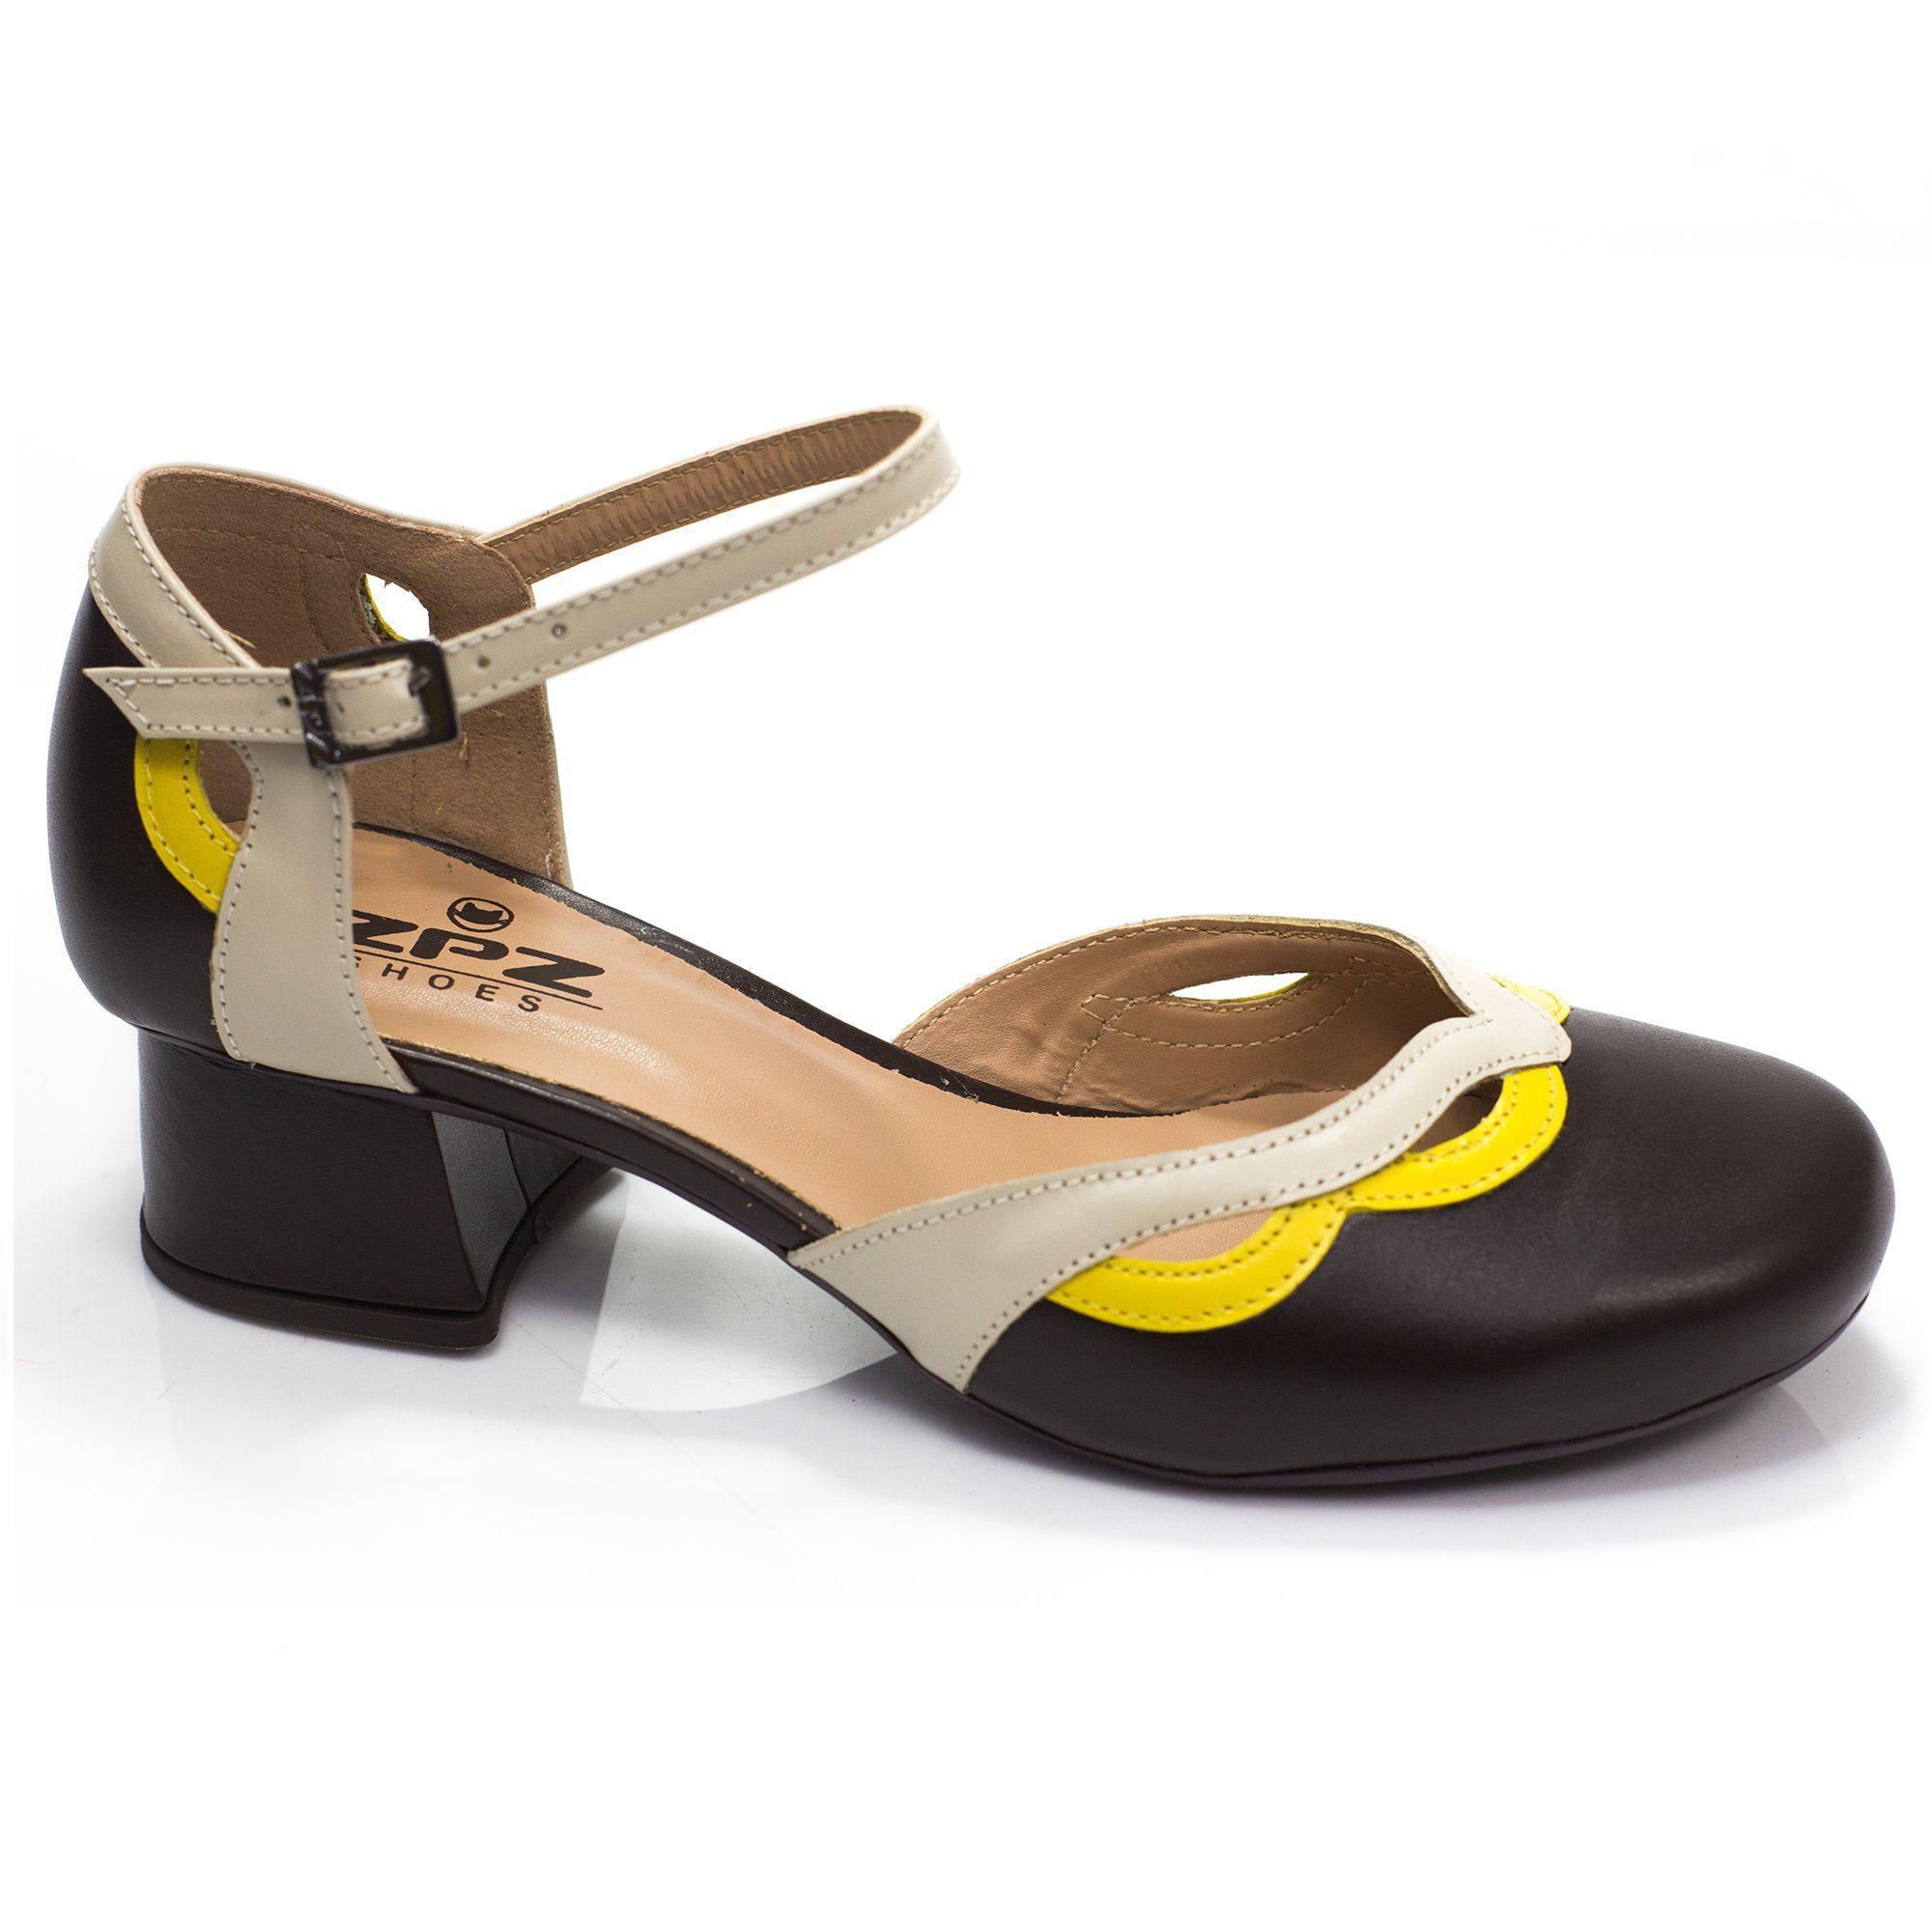 Sapato Boneca Retrô em couro Daisy